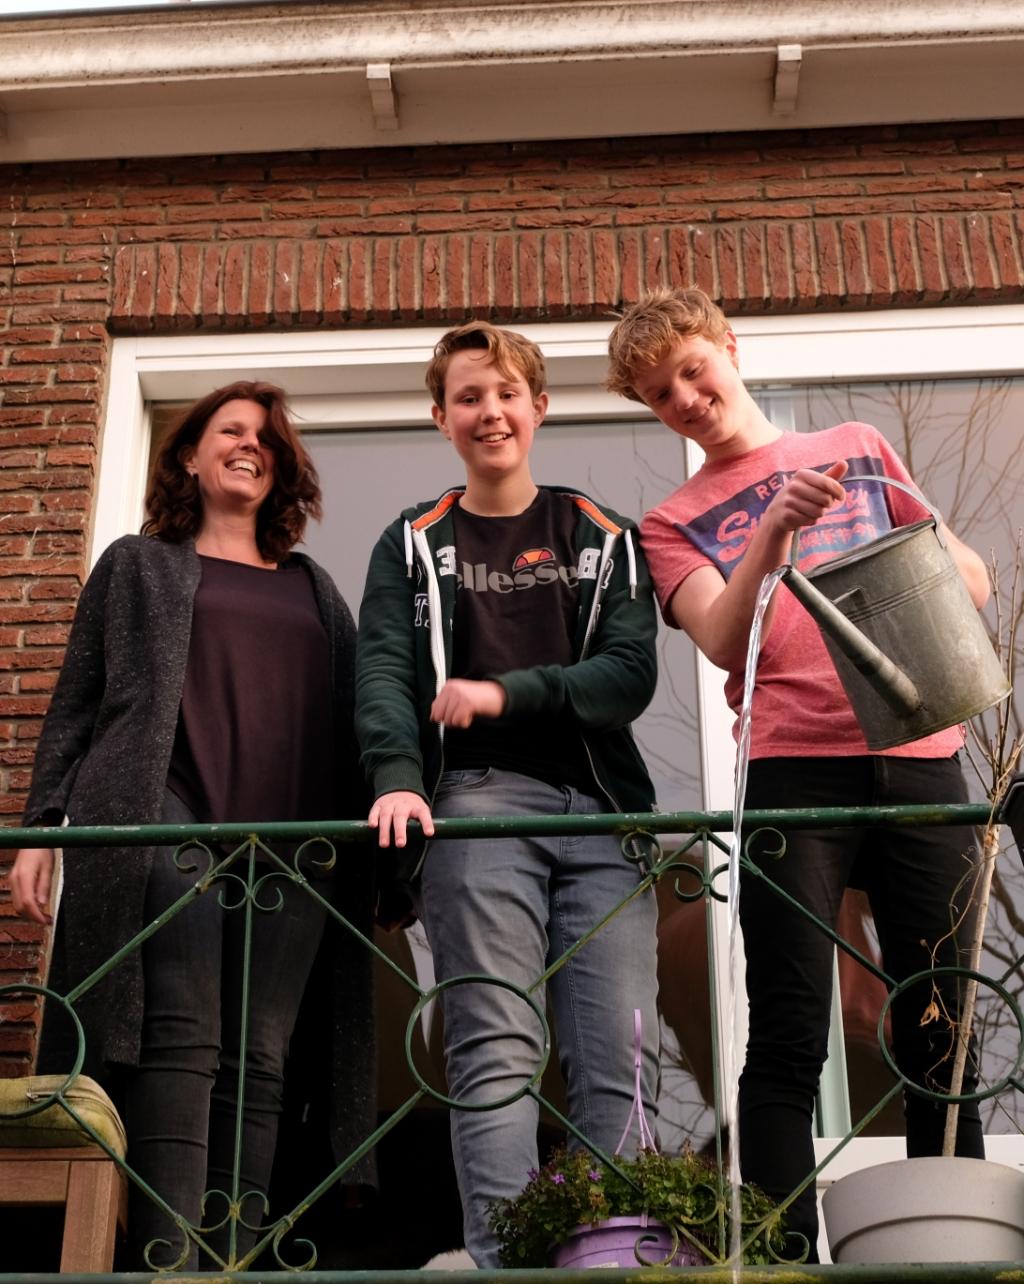 Van Wassenaerlaan 39. | Foto Corine den Hoed Foto: Corine den Hoed © uitgeverij Verhagen